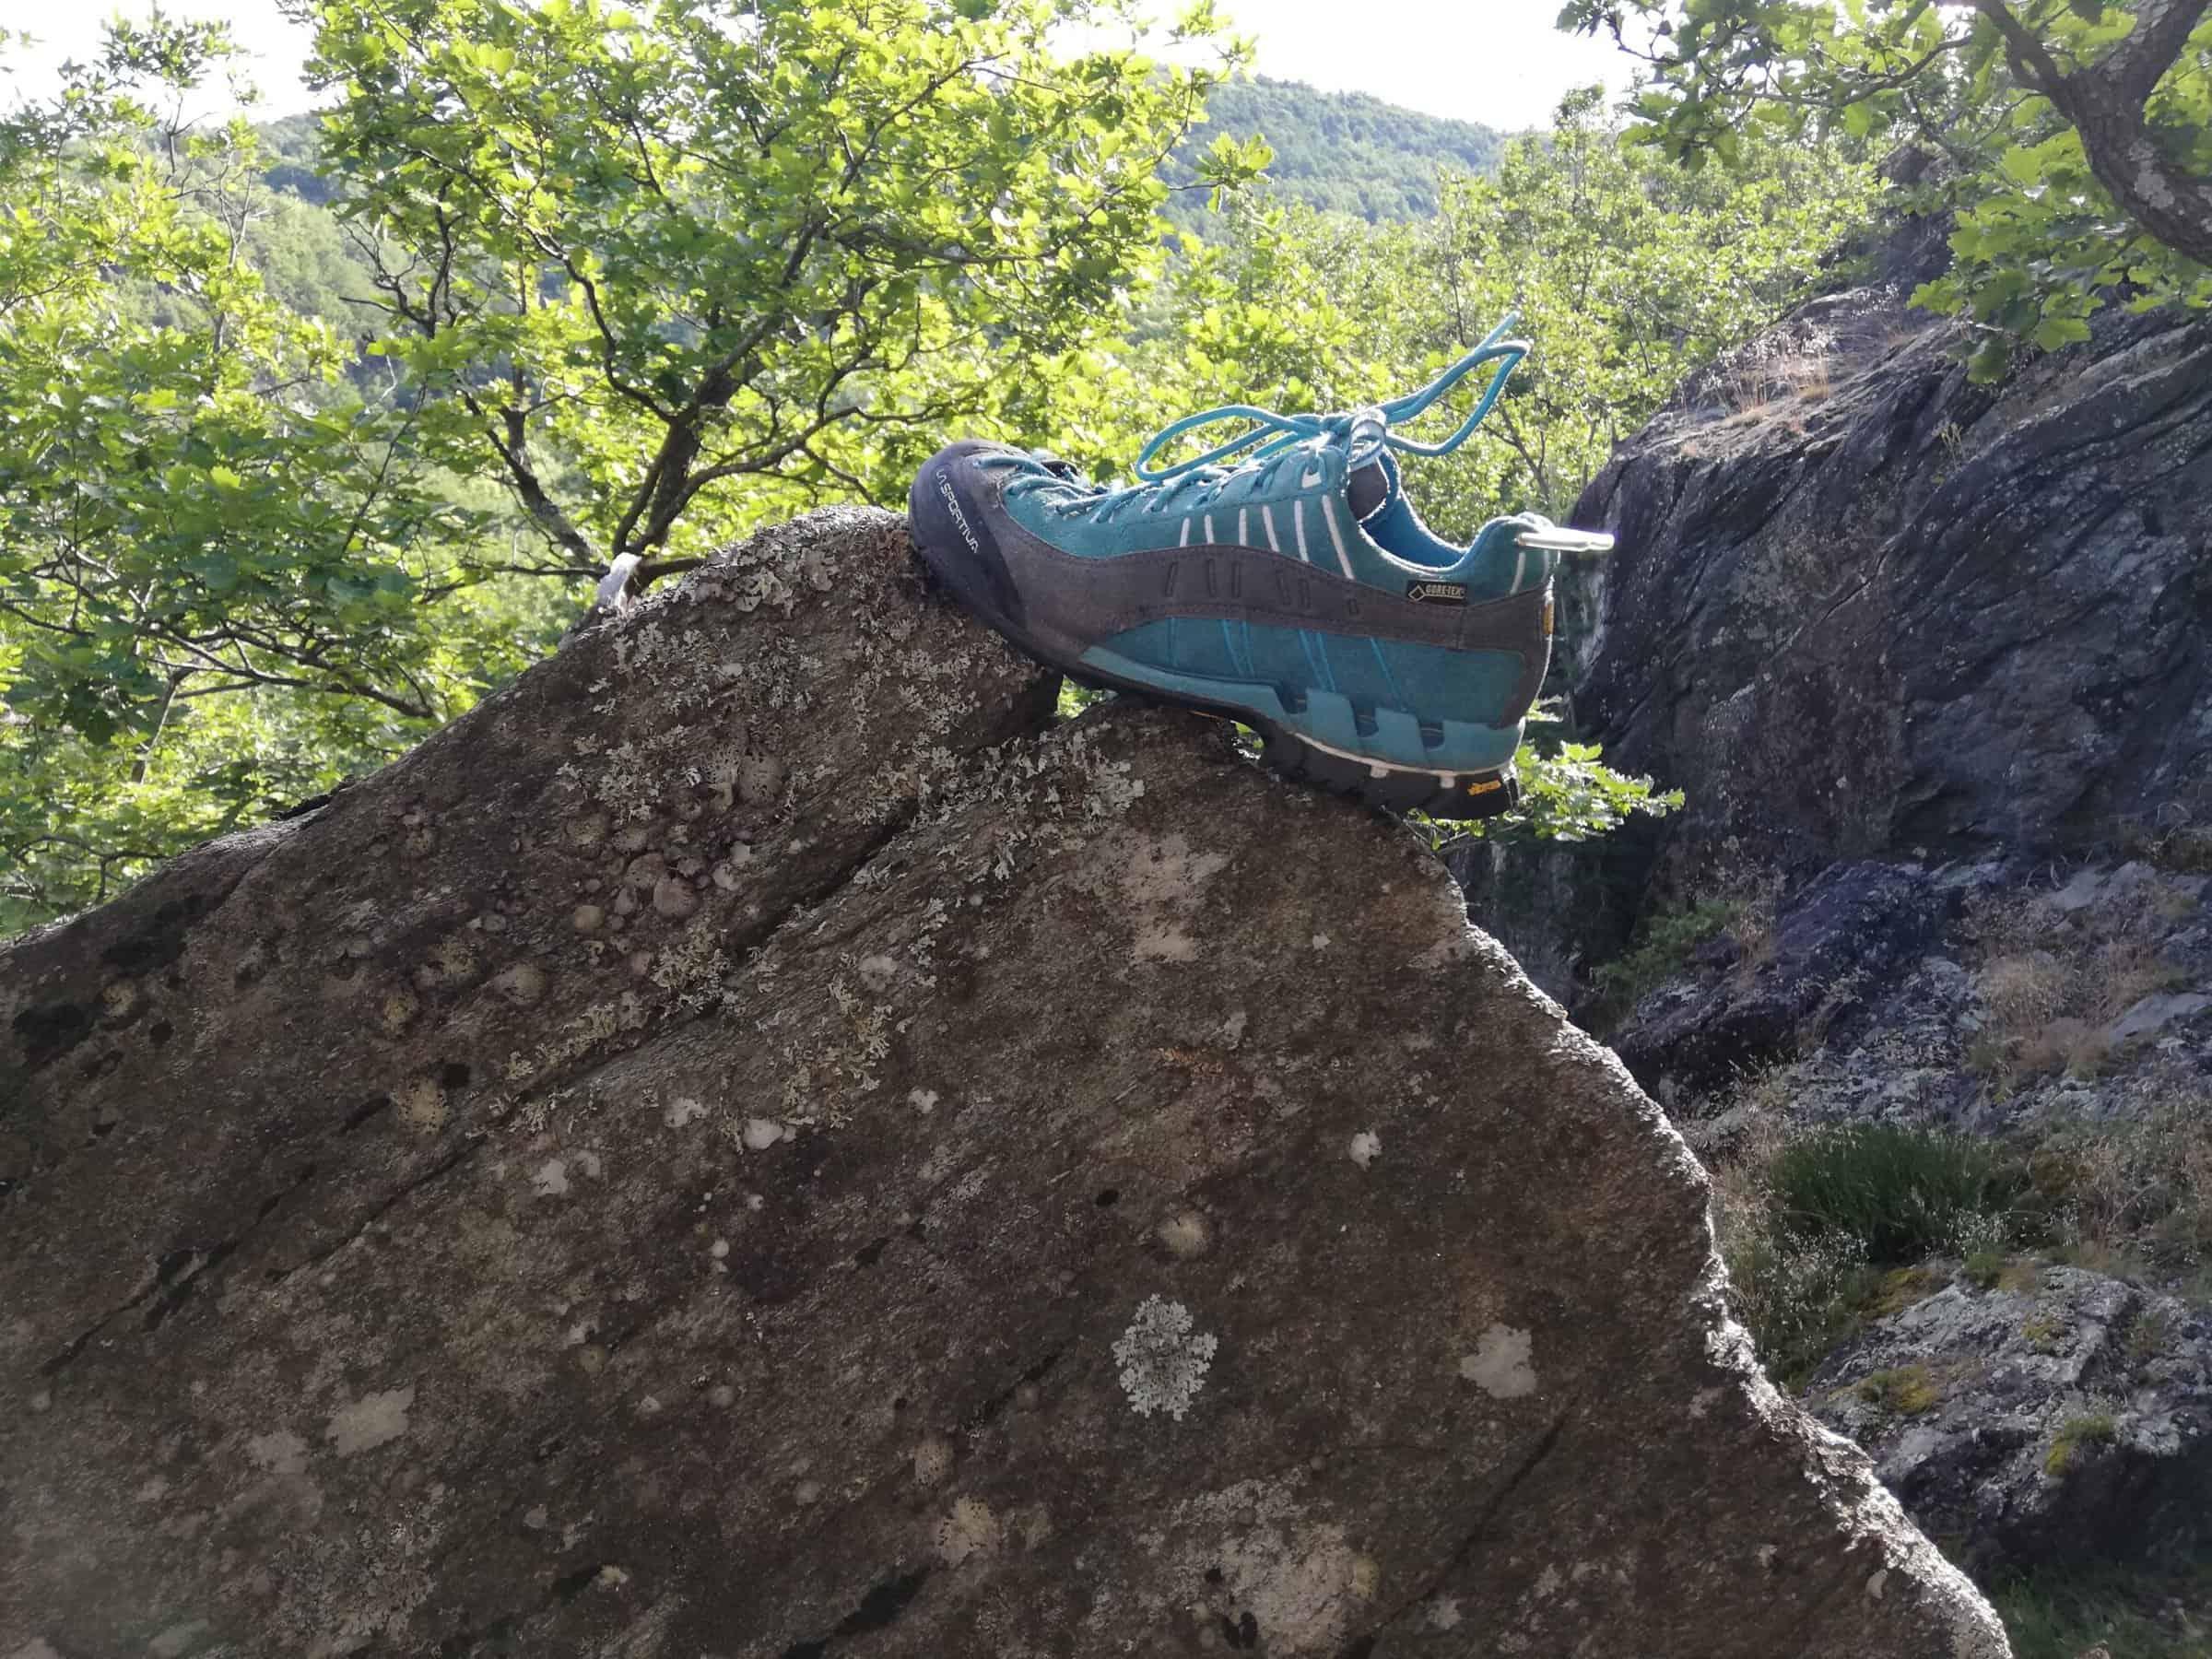 Scarpe da ferrata: come scegliere - scarpe da avvicinamento